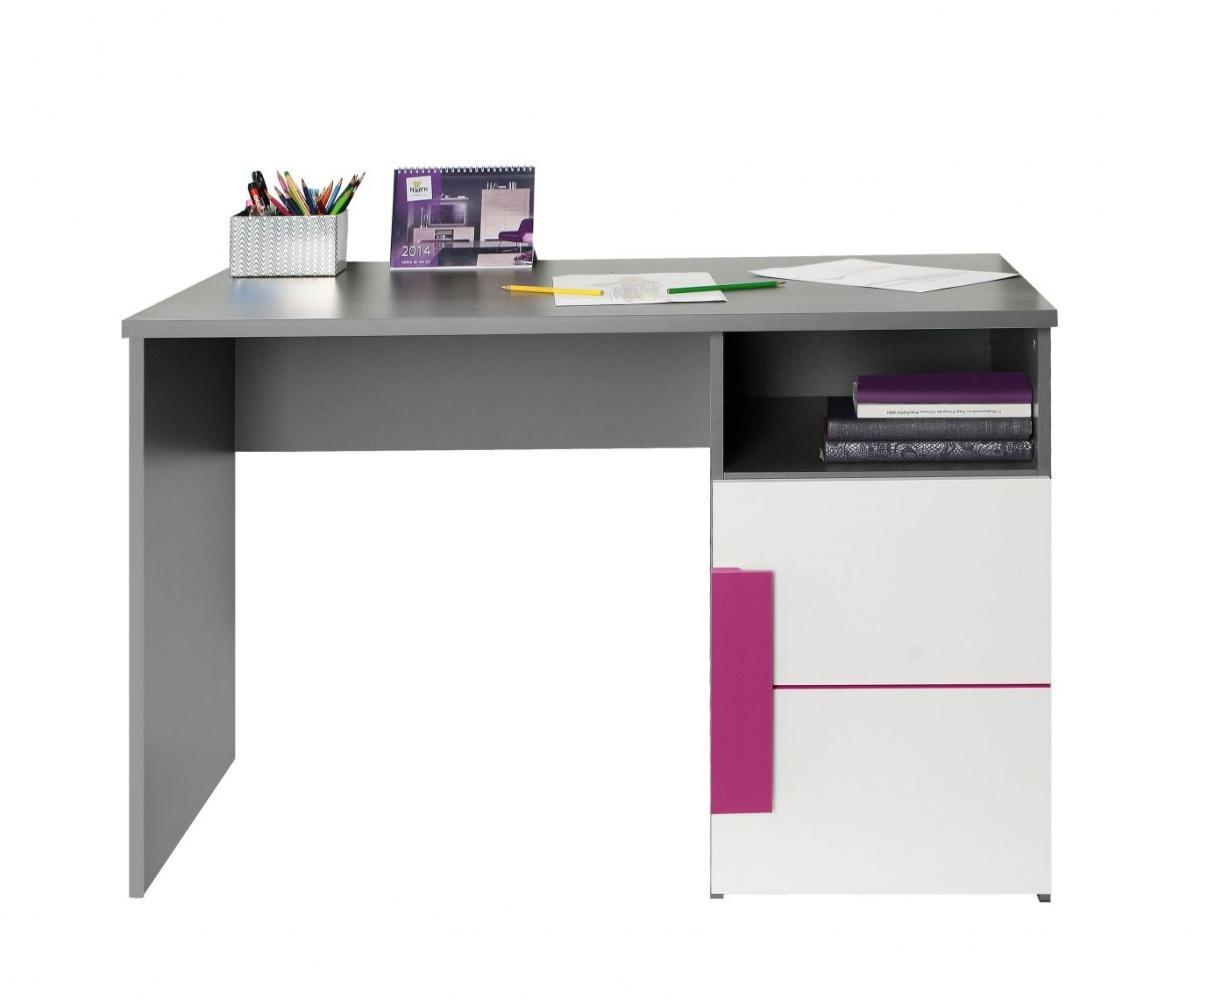 Astounding Schreibtisch Grau Weiß Galerie Von In Weiß Violett Trinity 1